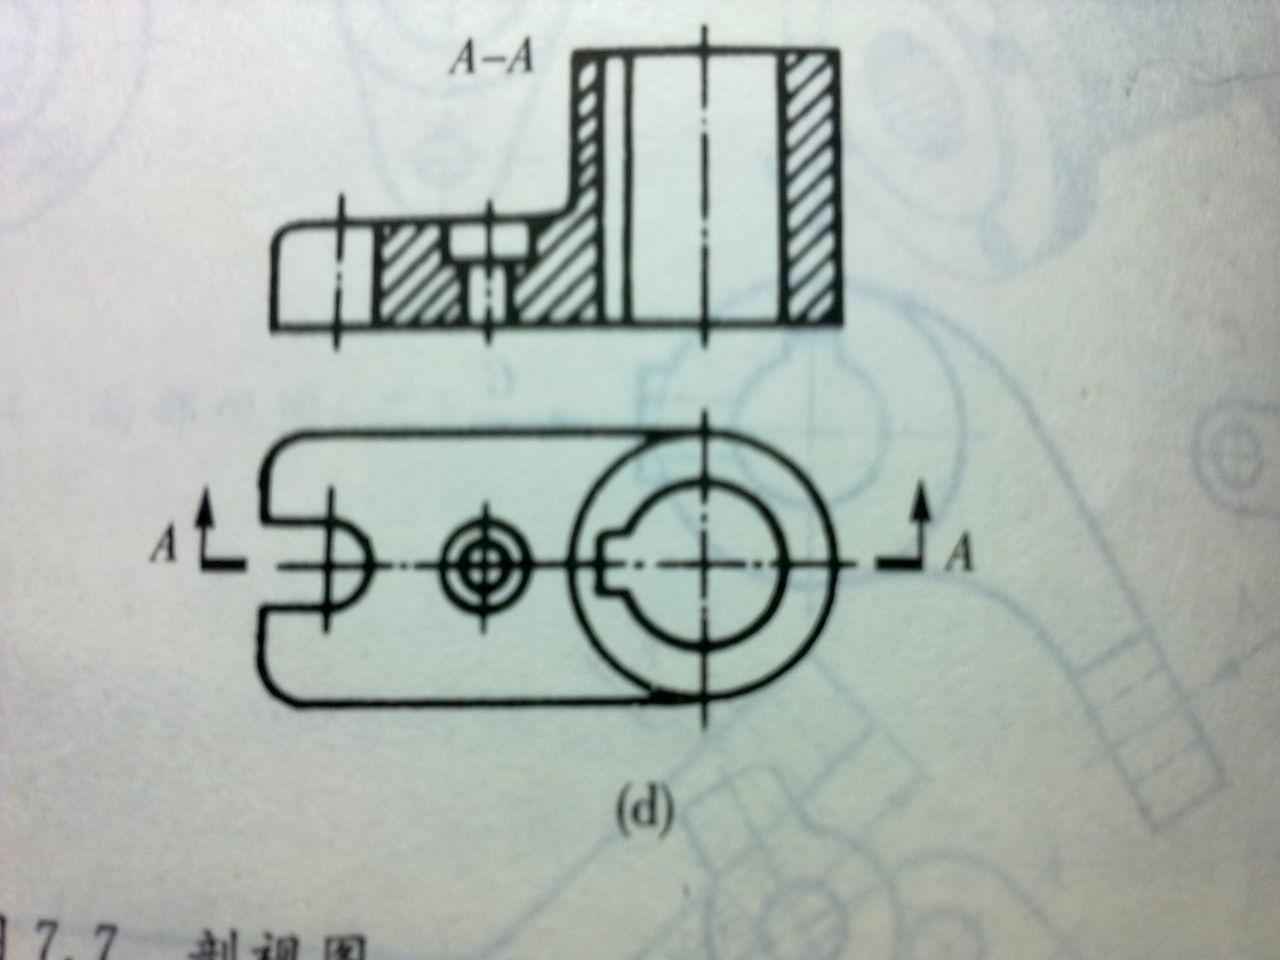 造型图纸模具中A-AB-B还有一个-↑往上的回图纸中xf消防的图片